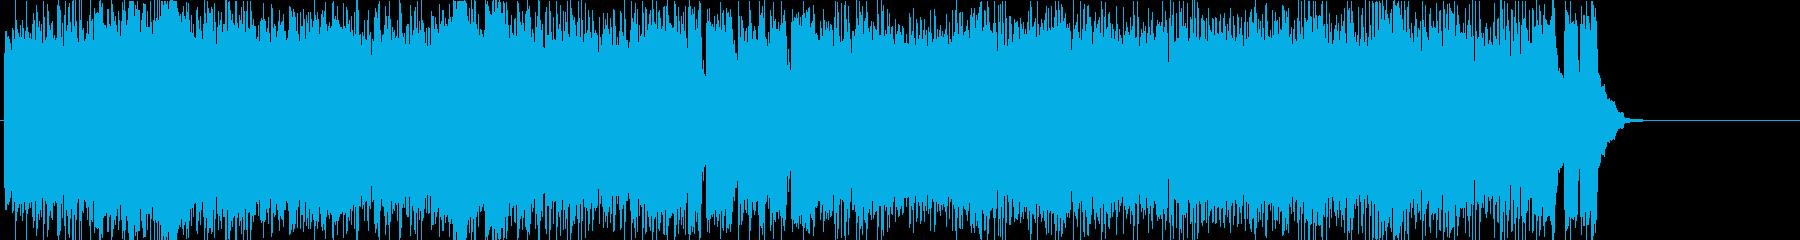 スピード 挑戦 闘志 激しい スリルの再生済みの波形